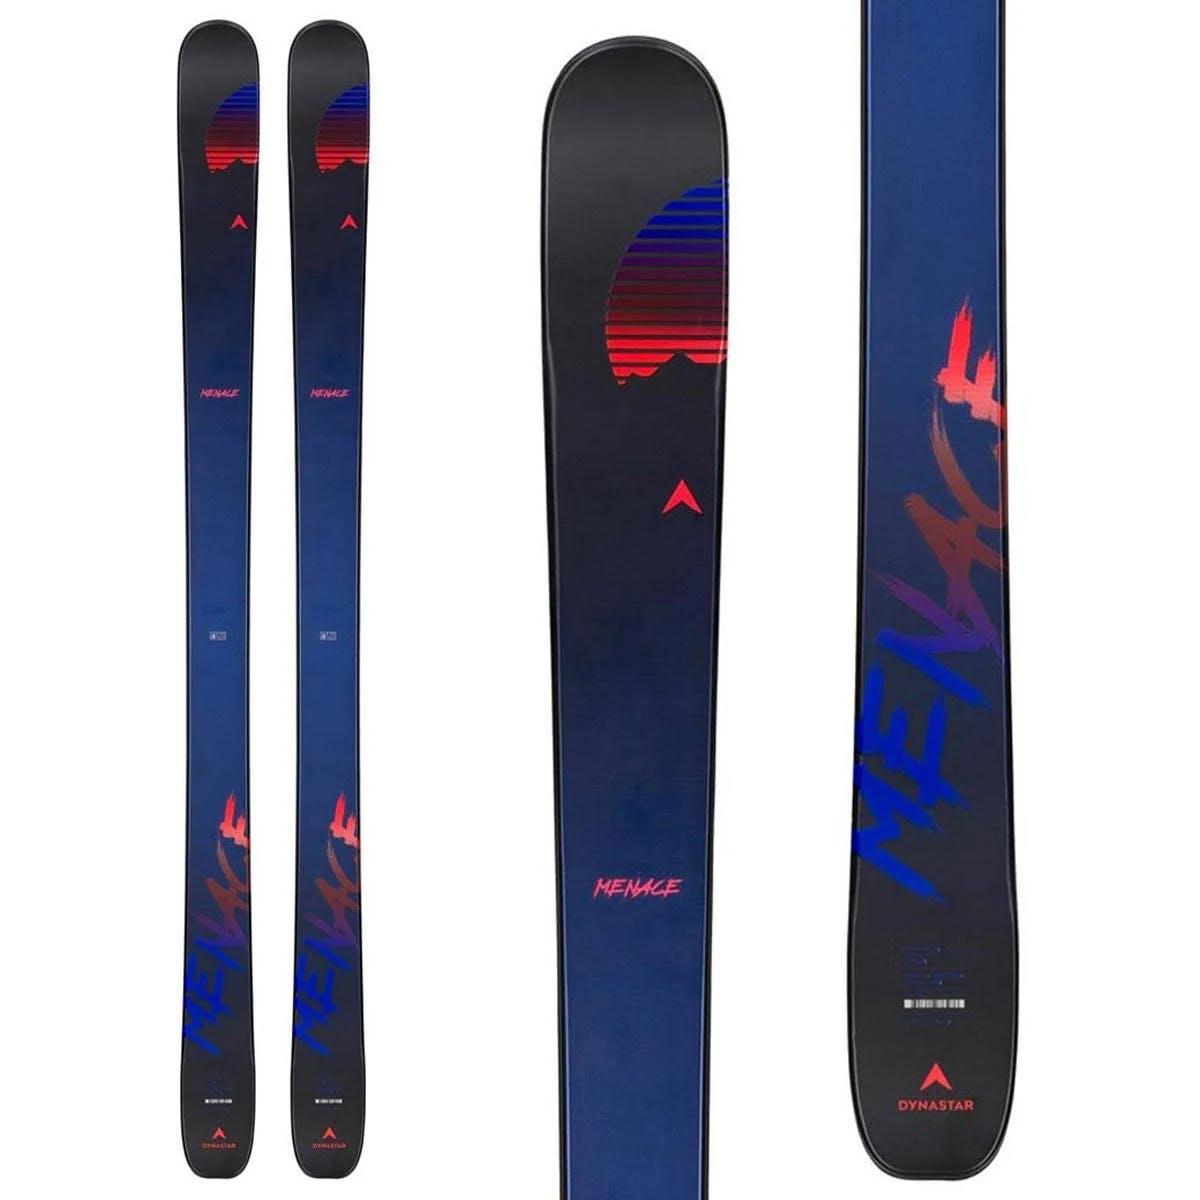 Dynastar Menace 90 Skis